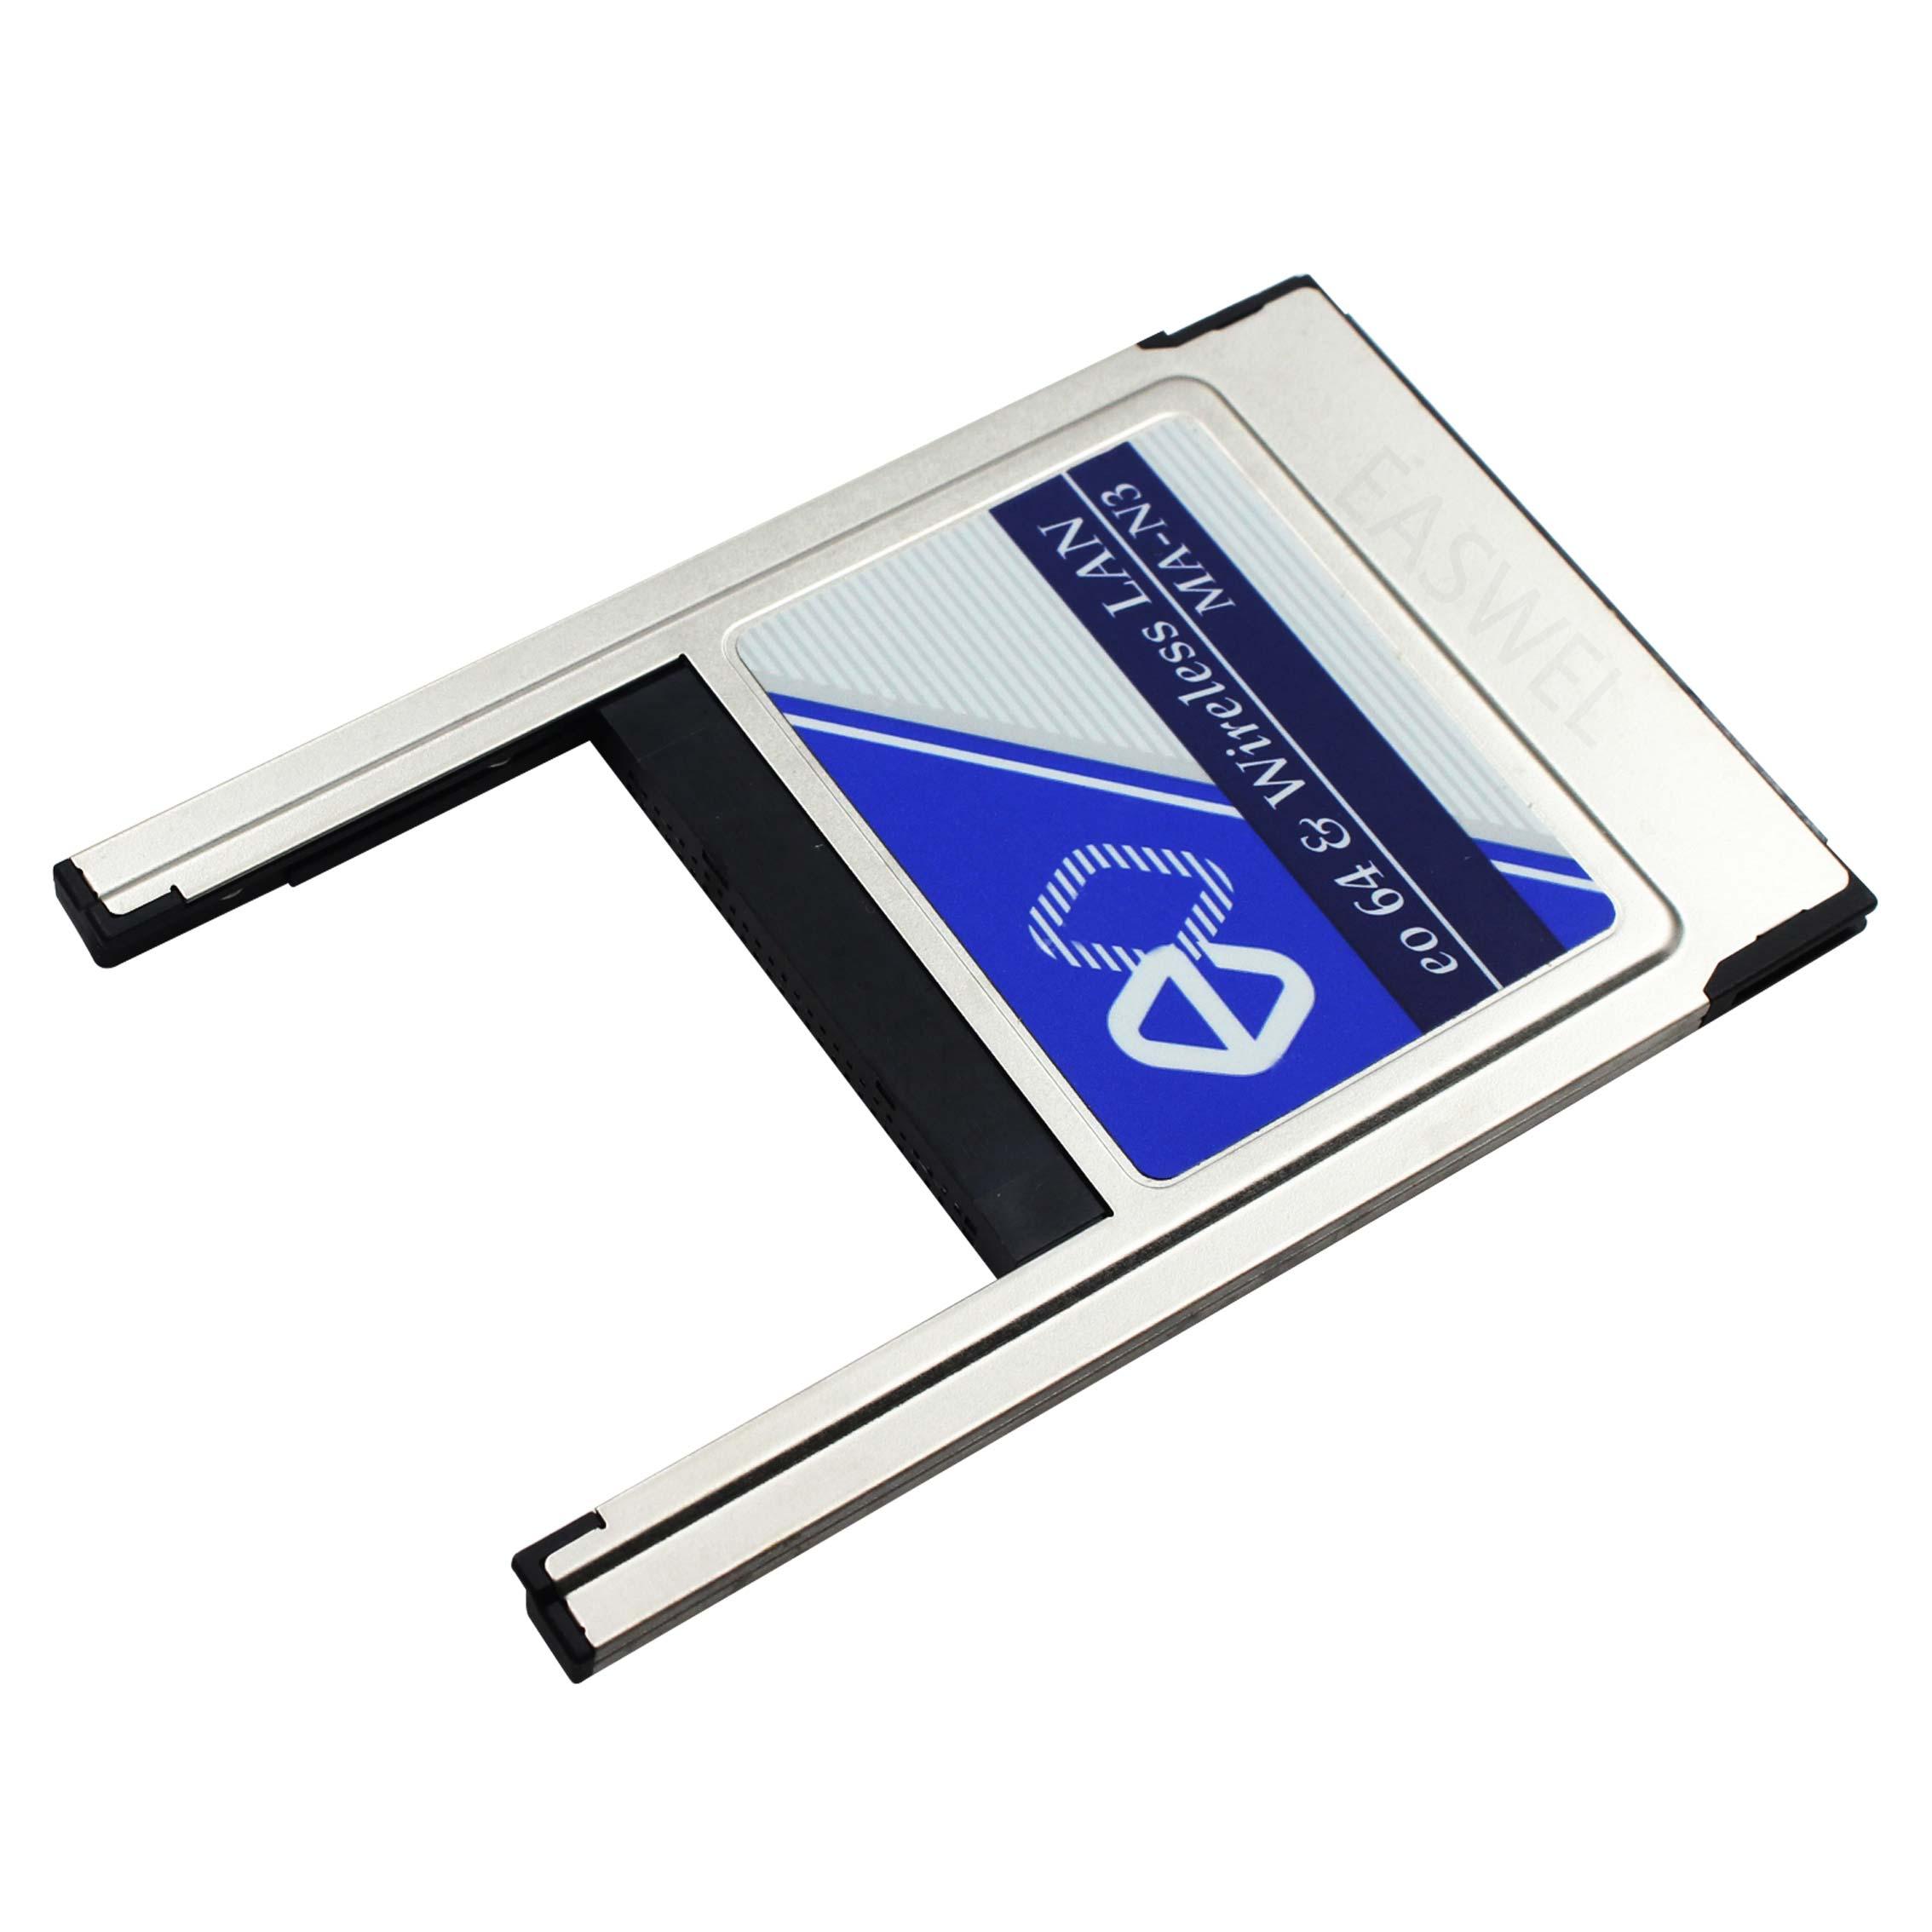 Type II ComapctFlash CF карта к адаптеру PCMCIA. Адаптер CF-PC